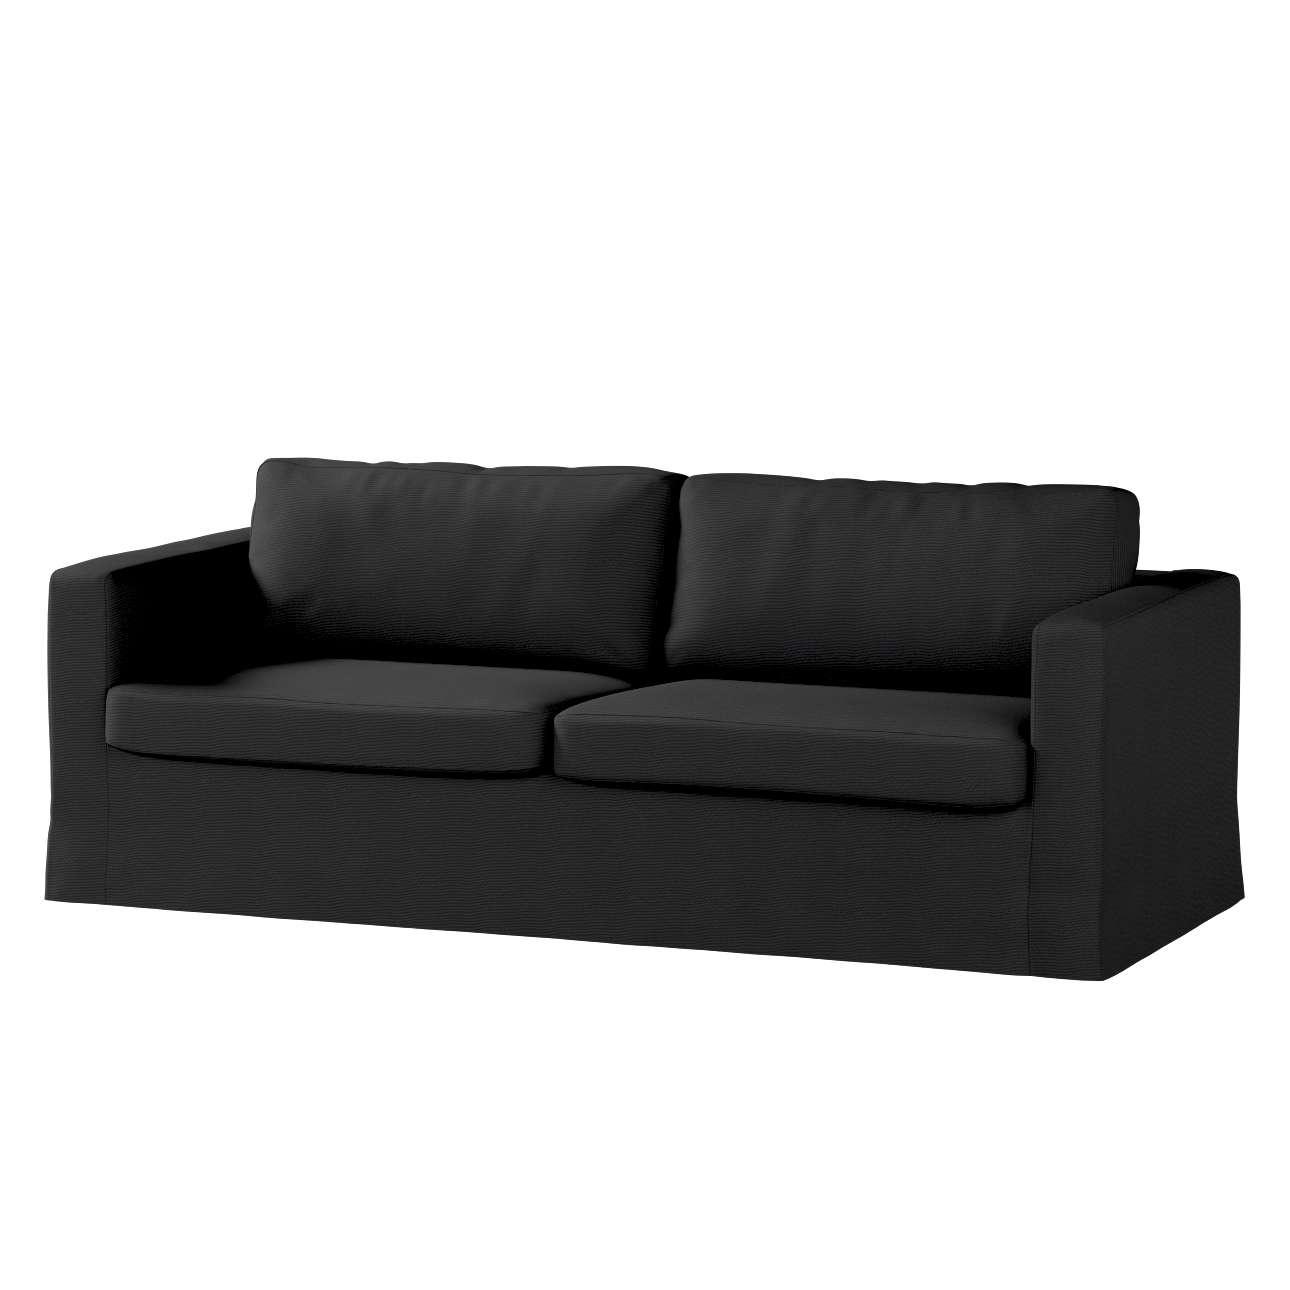 Potah na pohovku IKEA  Karlstad 3-místná, nerozkládací, dlouhý v kolekci Etna, látka: 705-00